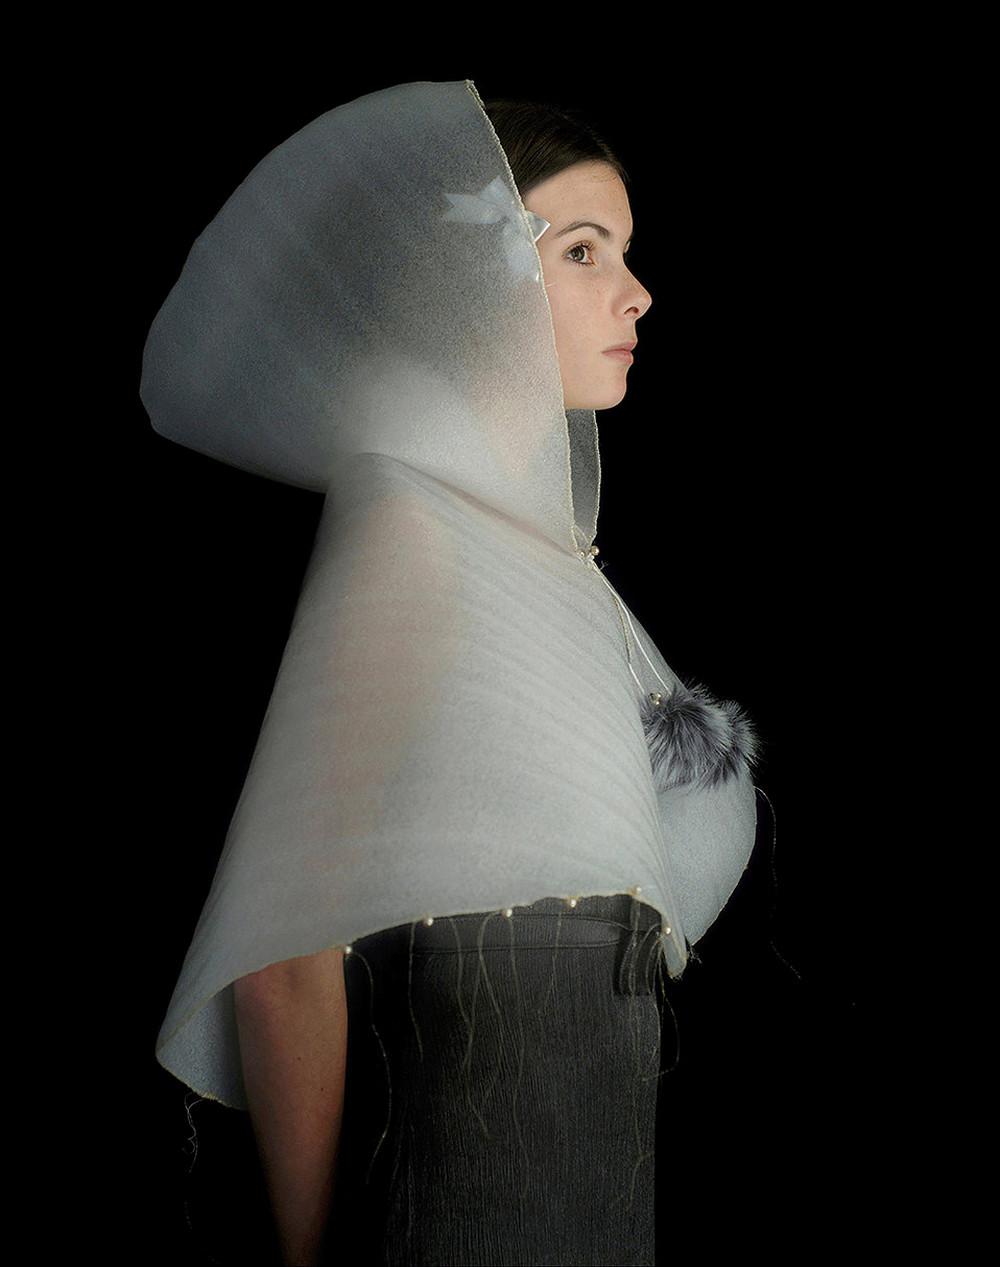 kostyumy-iz-vtorichnyh-materialov-portrety-Syuzanna-Yongmans 22